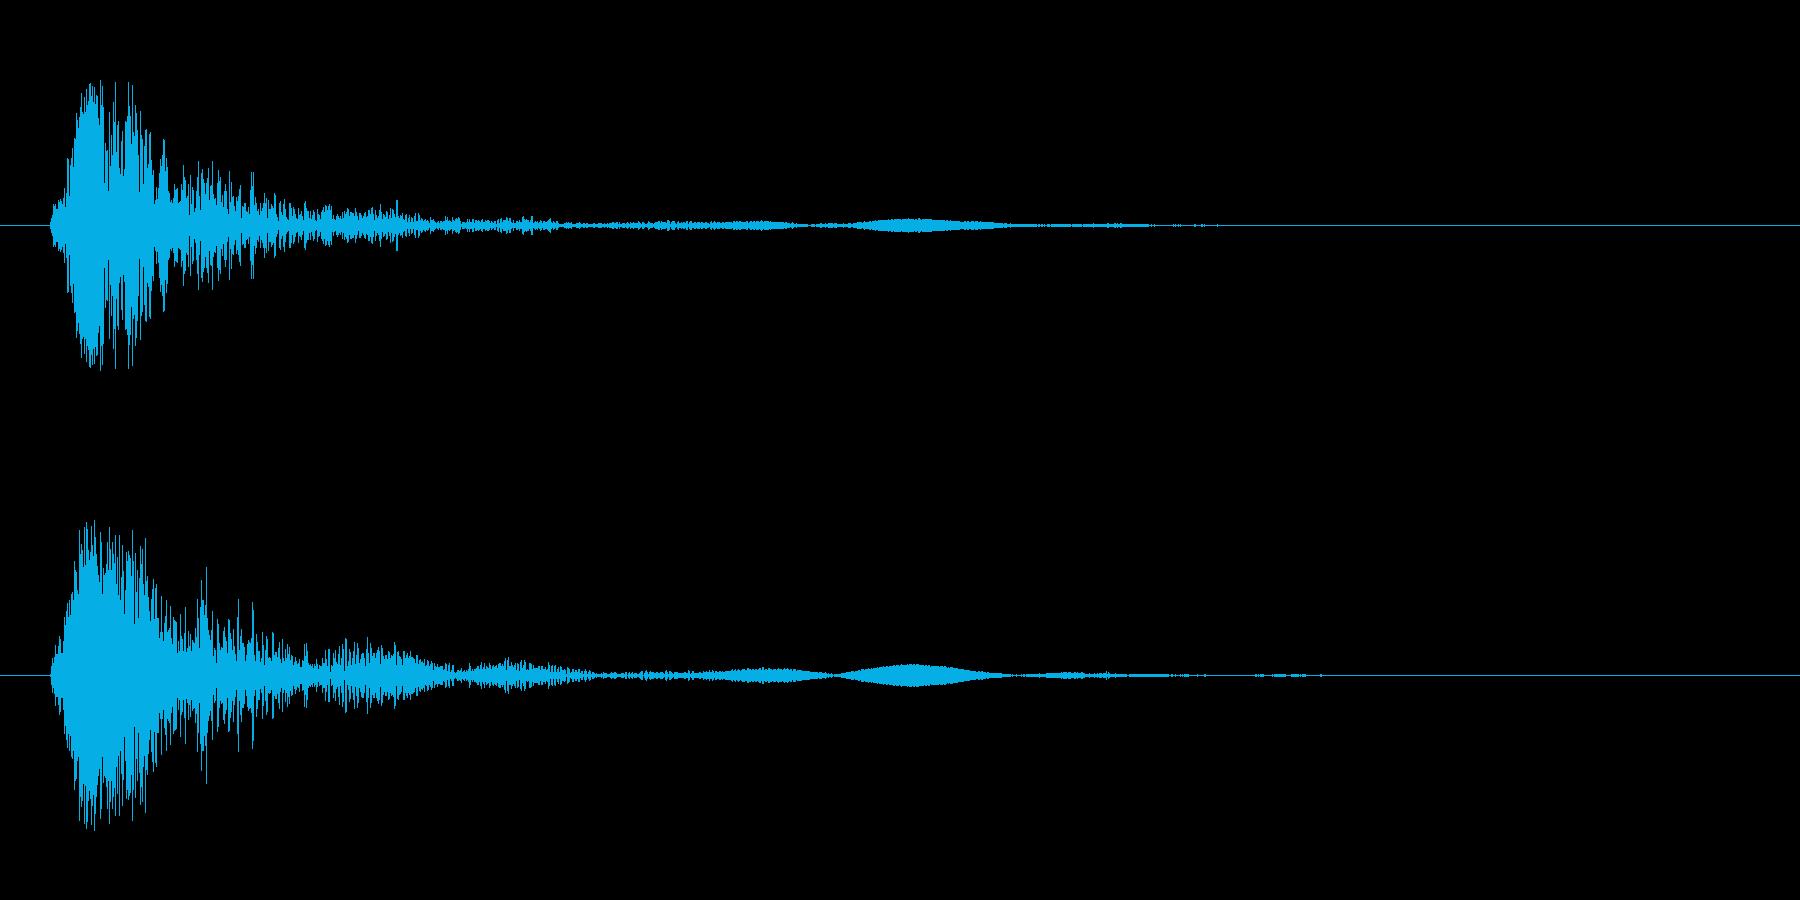 バシュッ(球が跳ねたような打音)の再生済みの波形